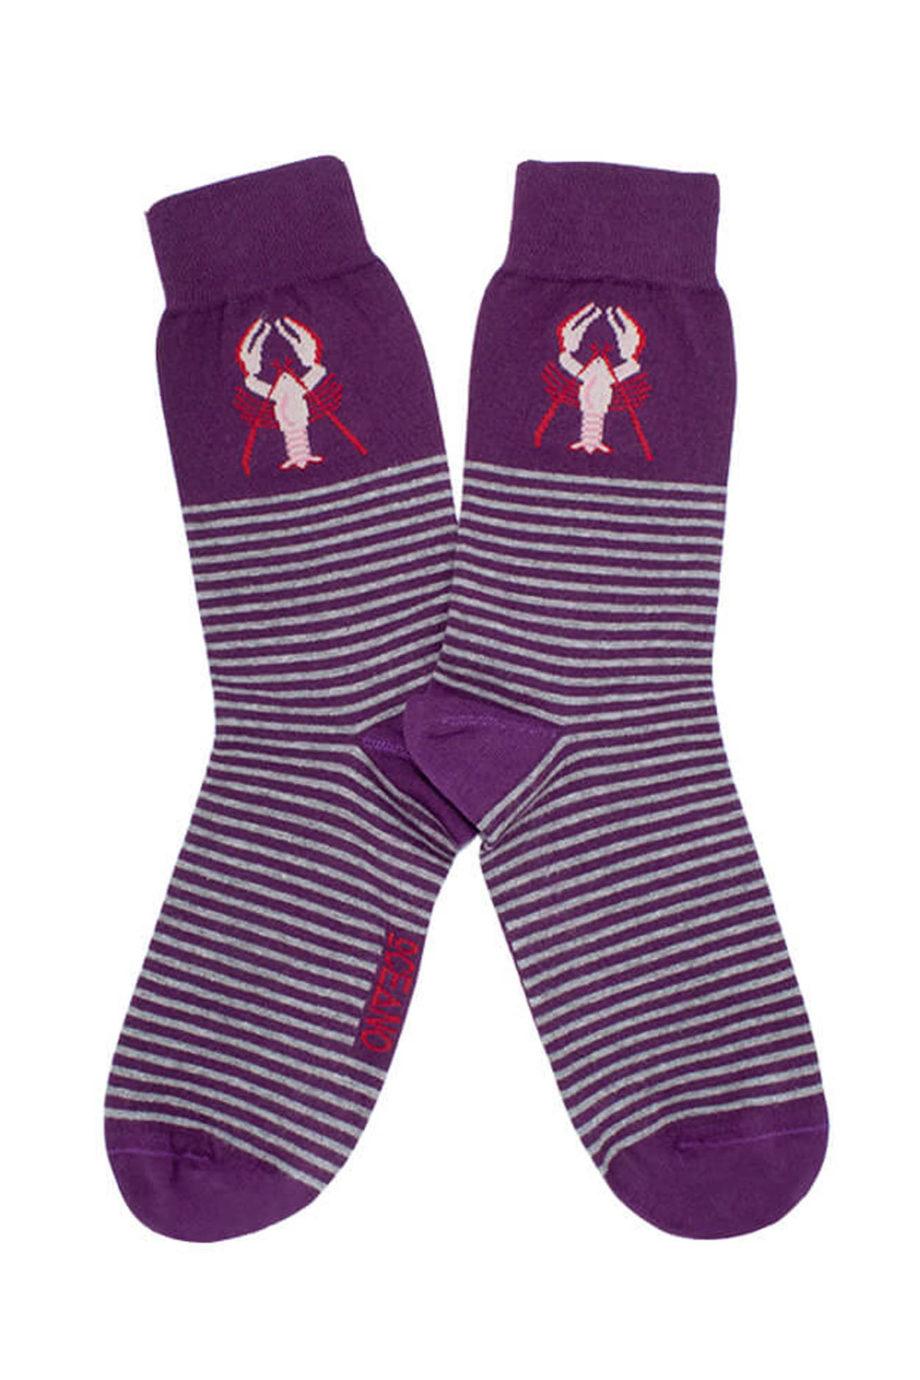 somosoceano-calcetines-langosta-morado